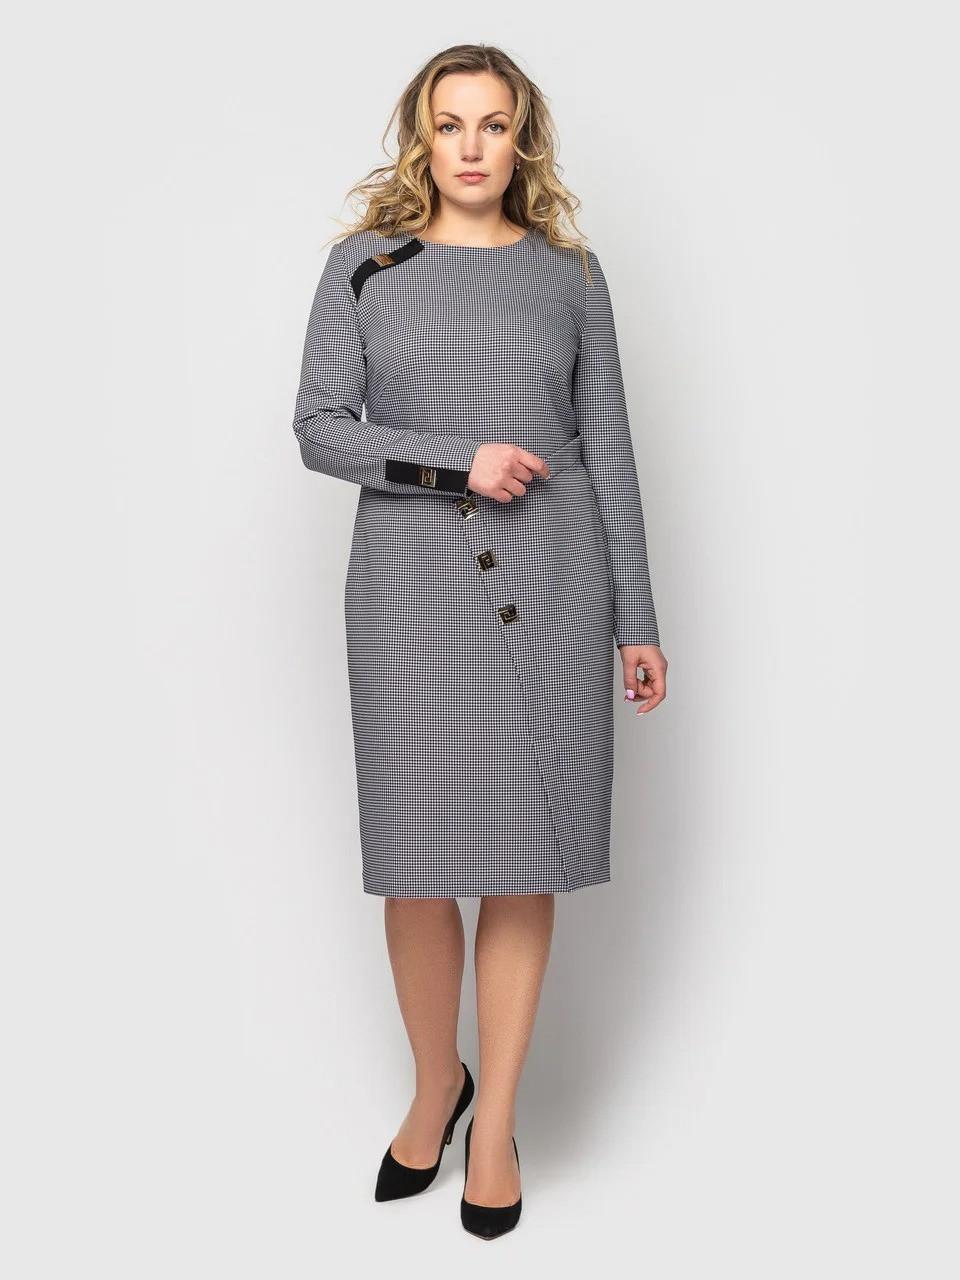 Приталенное женское платье ниже колена серого цвета в принт, большие размеры от 48 до 56